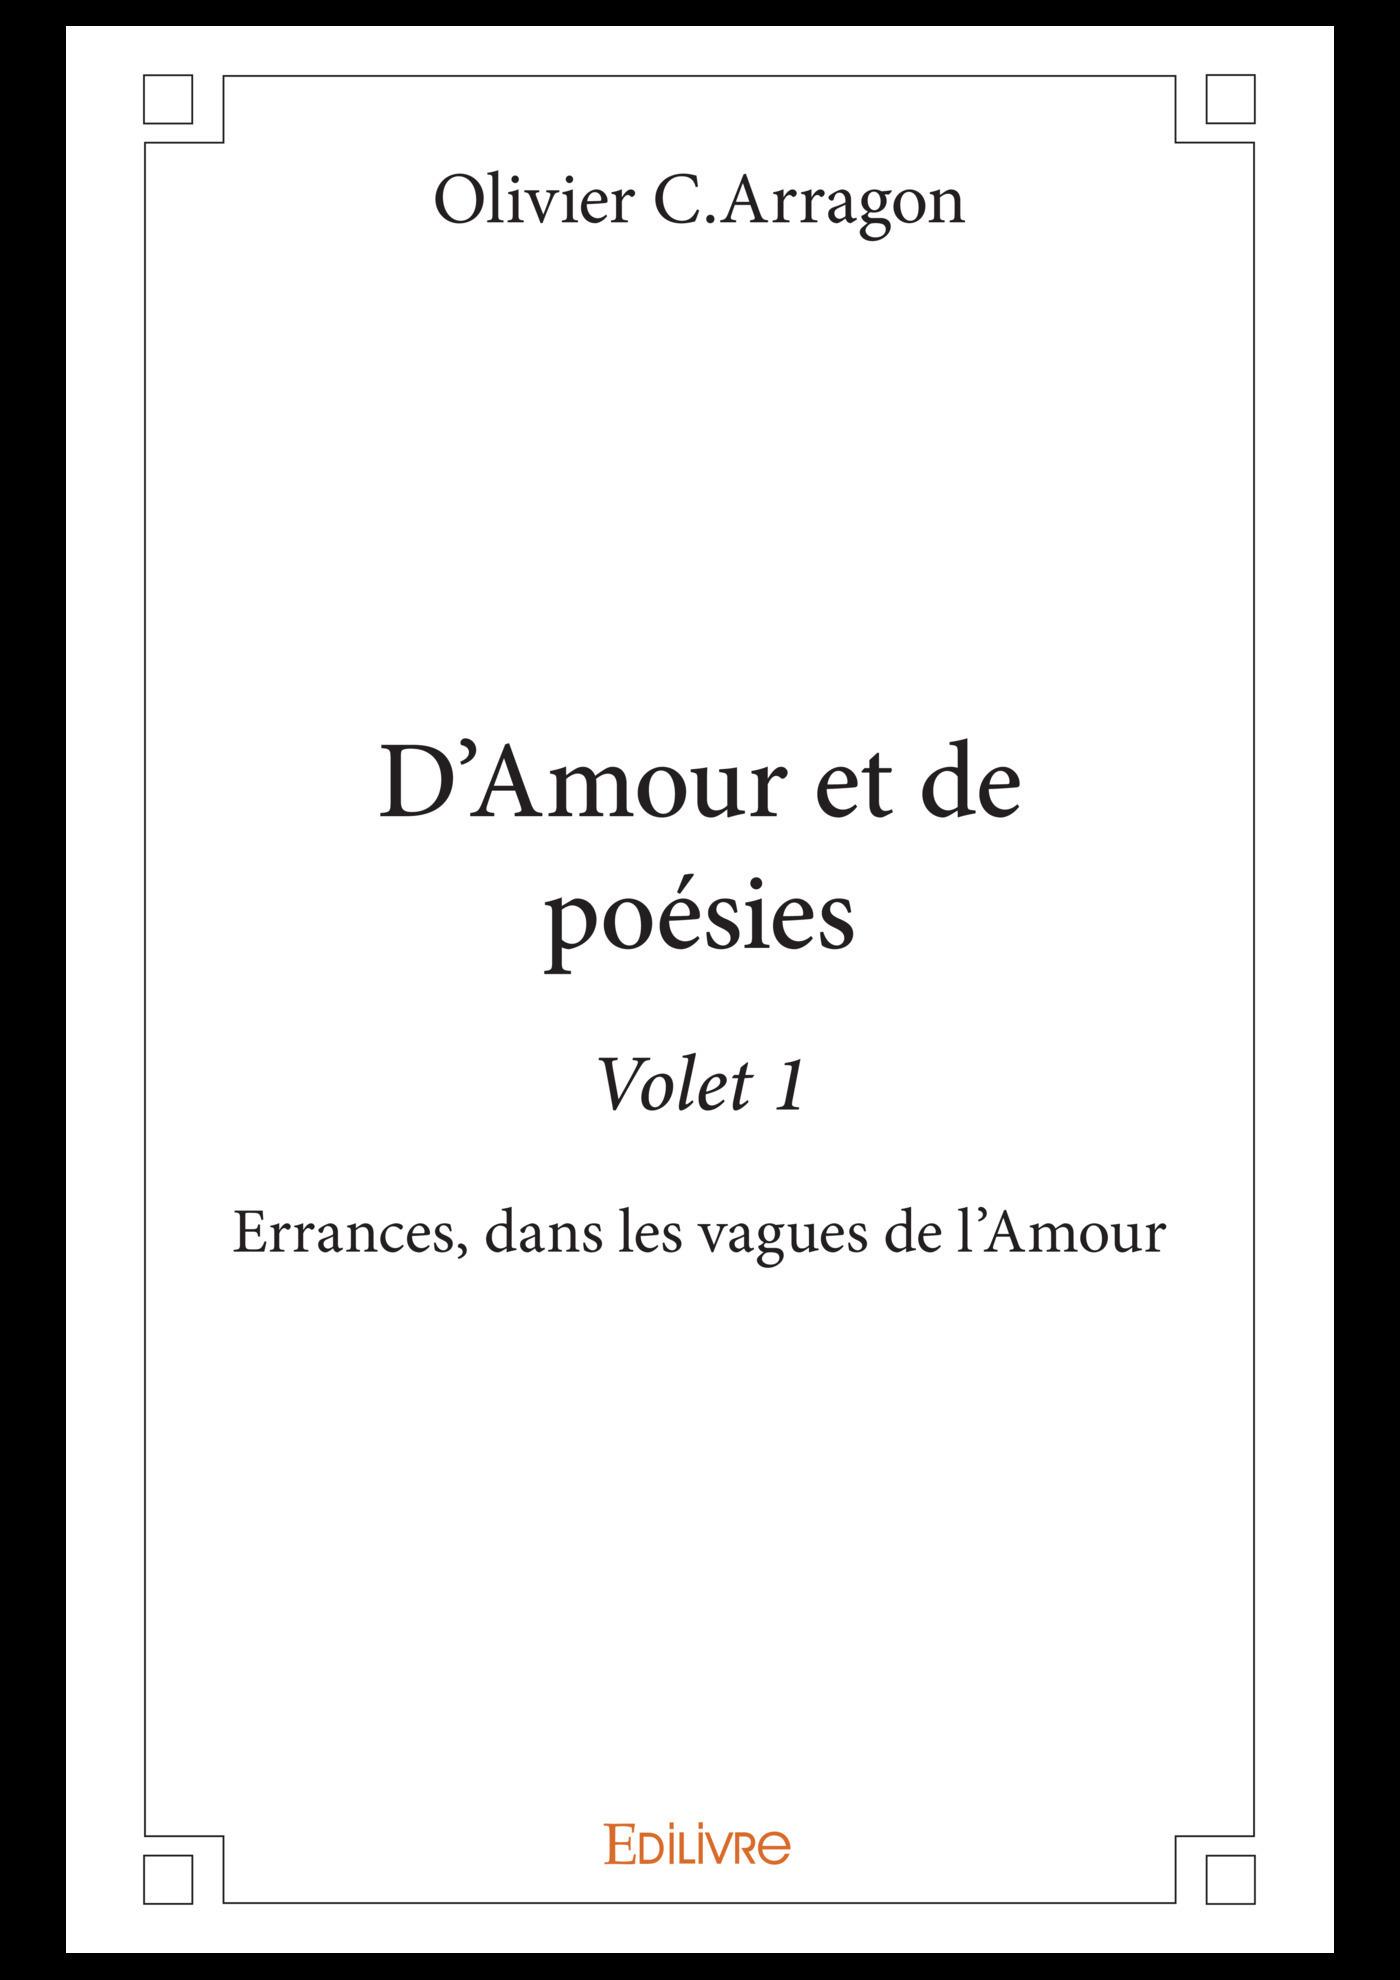 D'amour et de poesie - volet 1